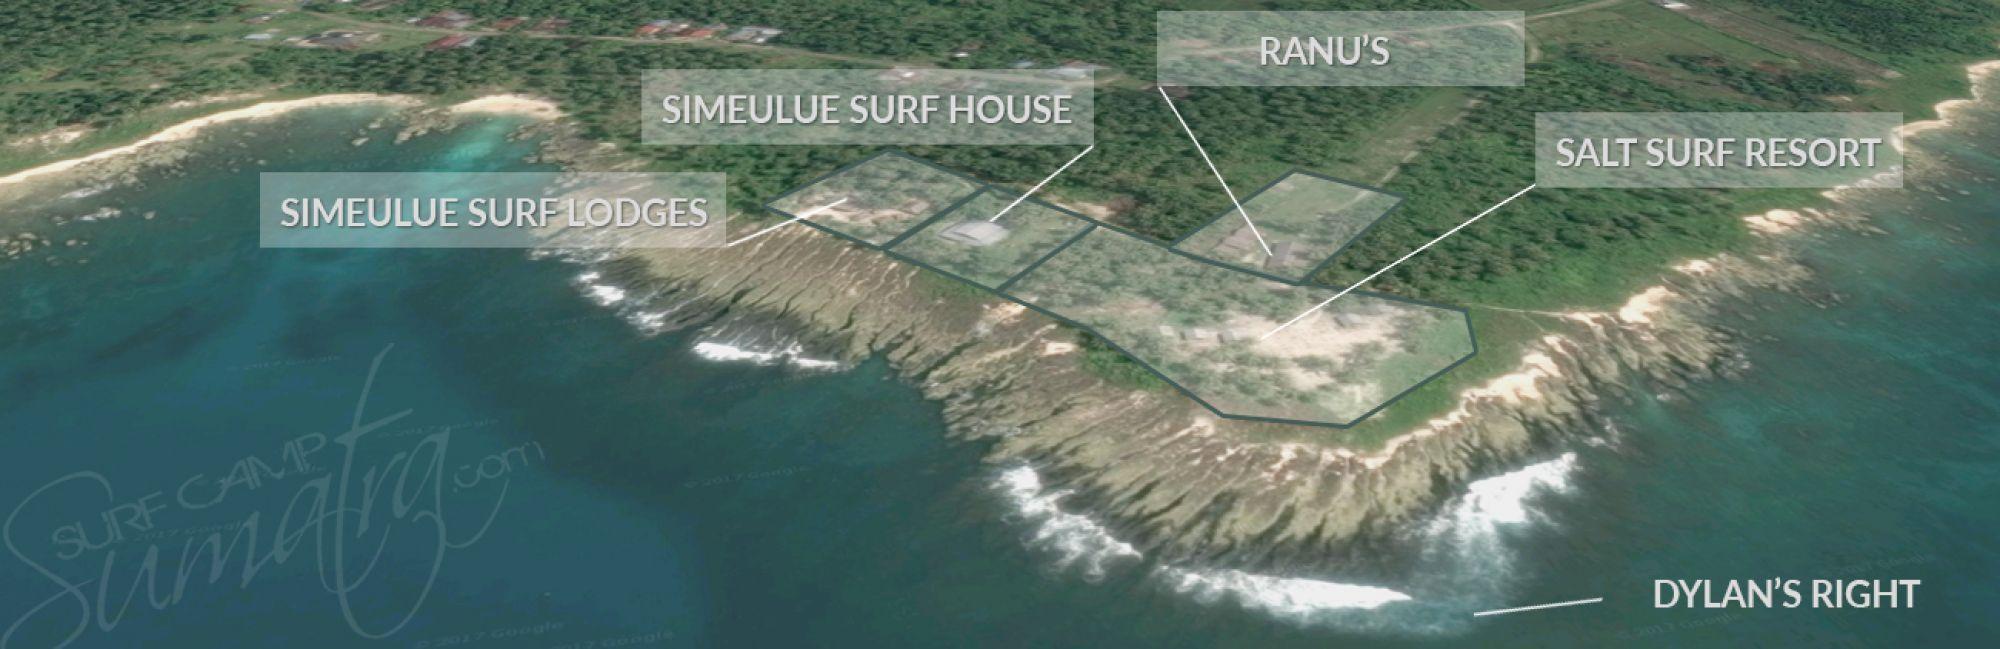 surf simeulue